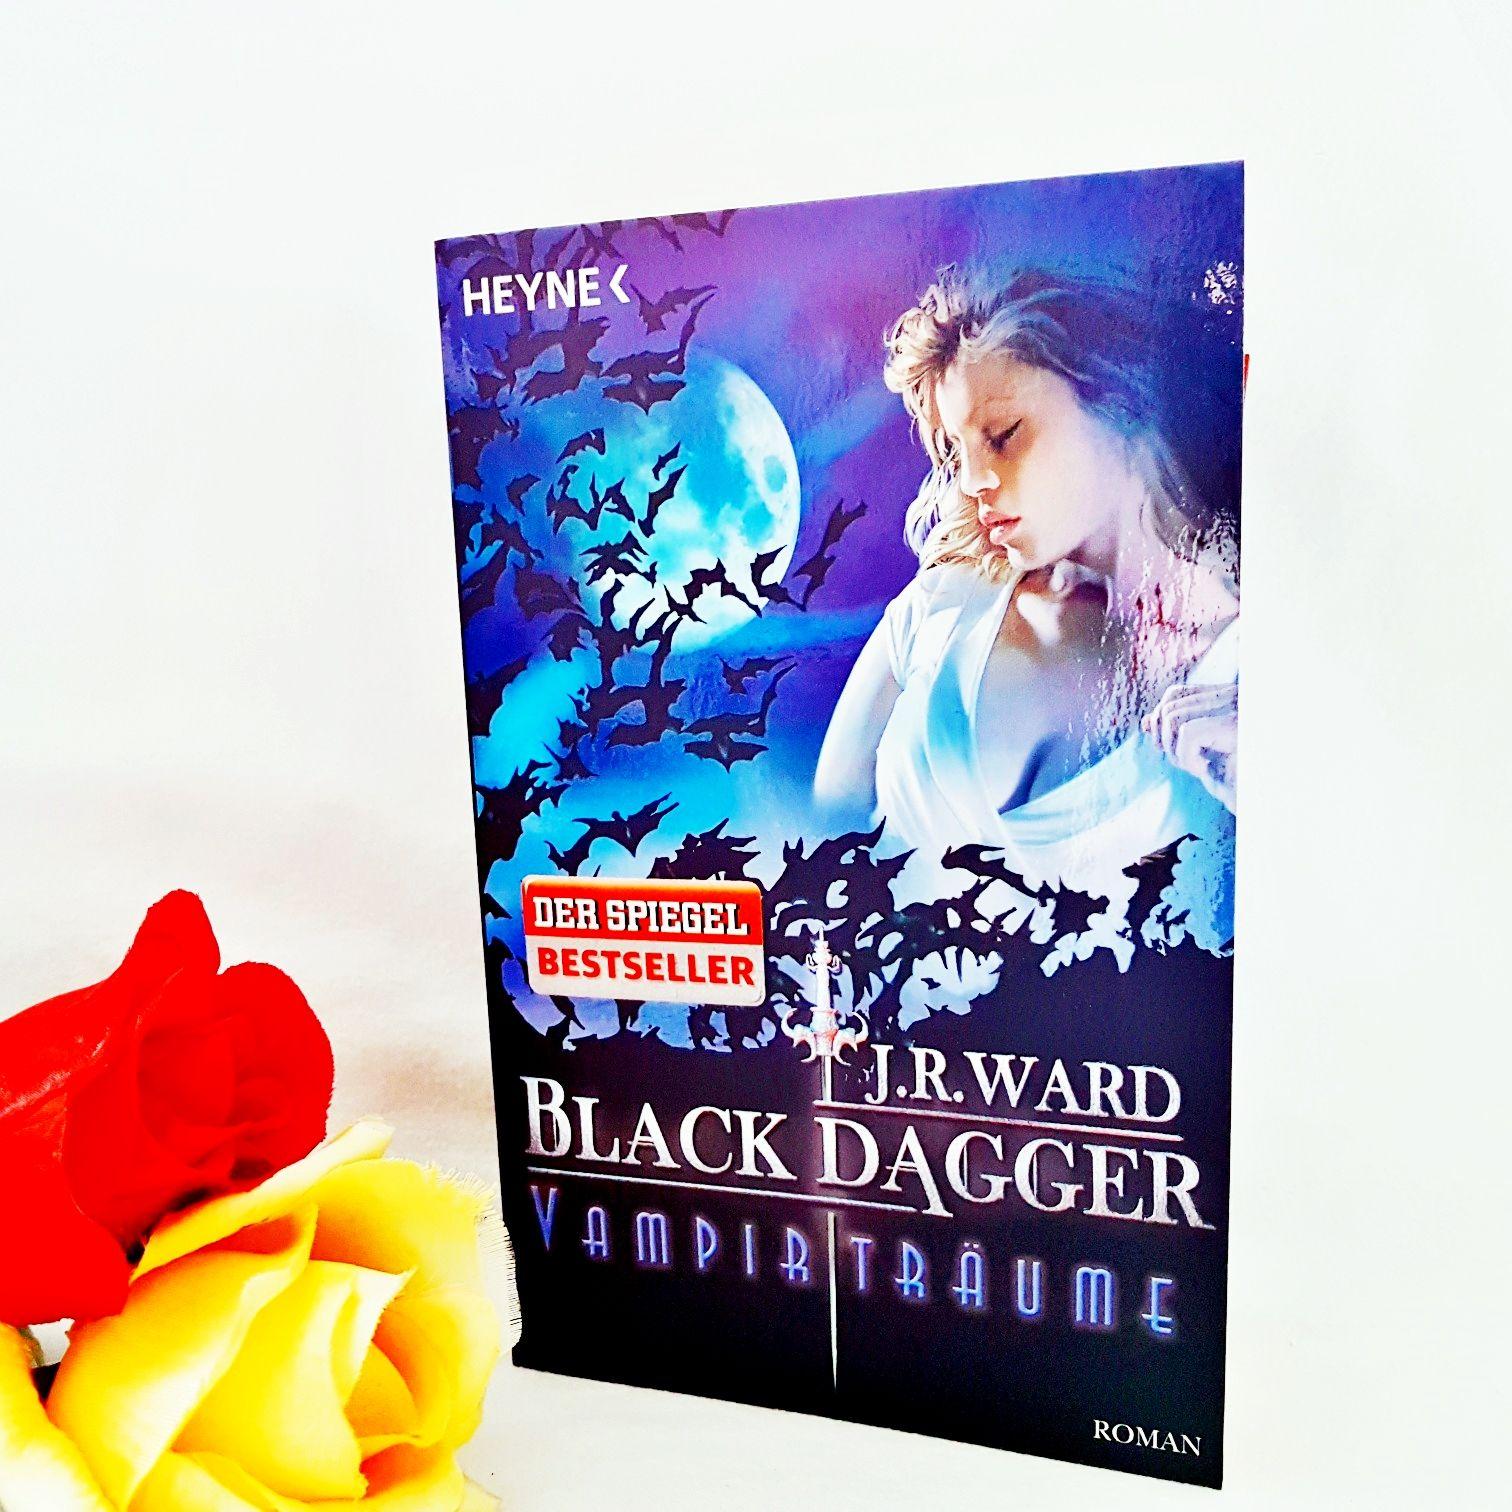 Black Dagger Vampirträume von J.R.Ward Band 12